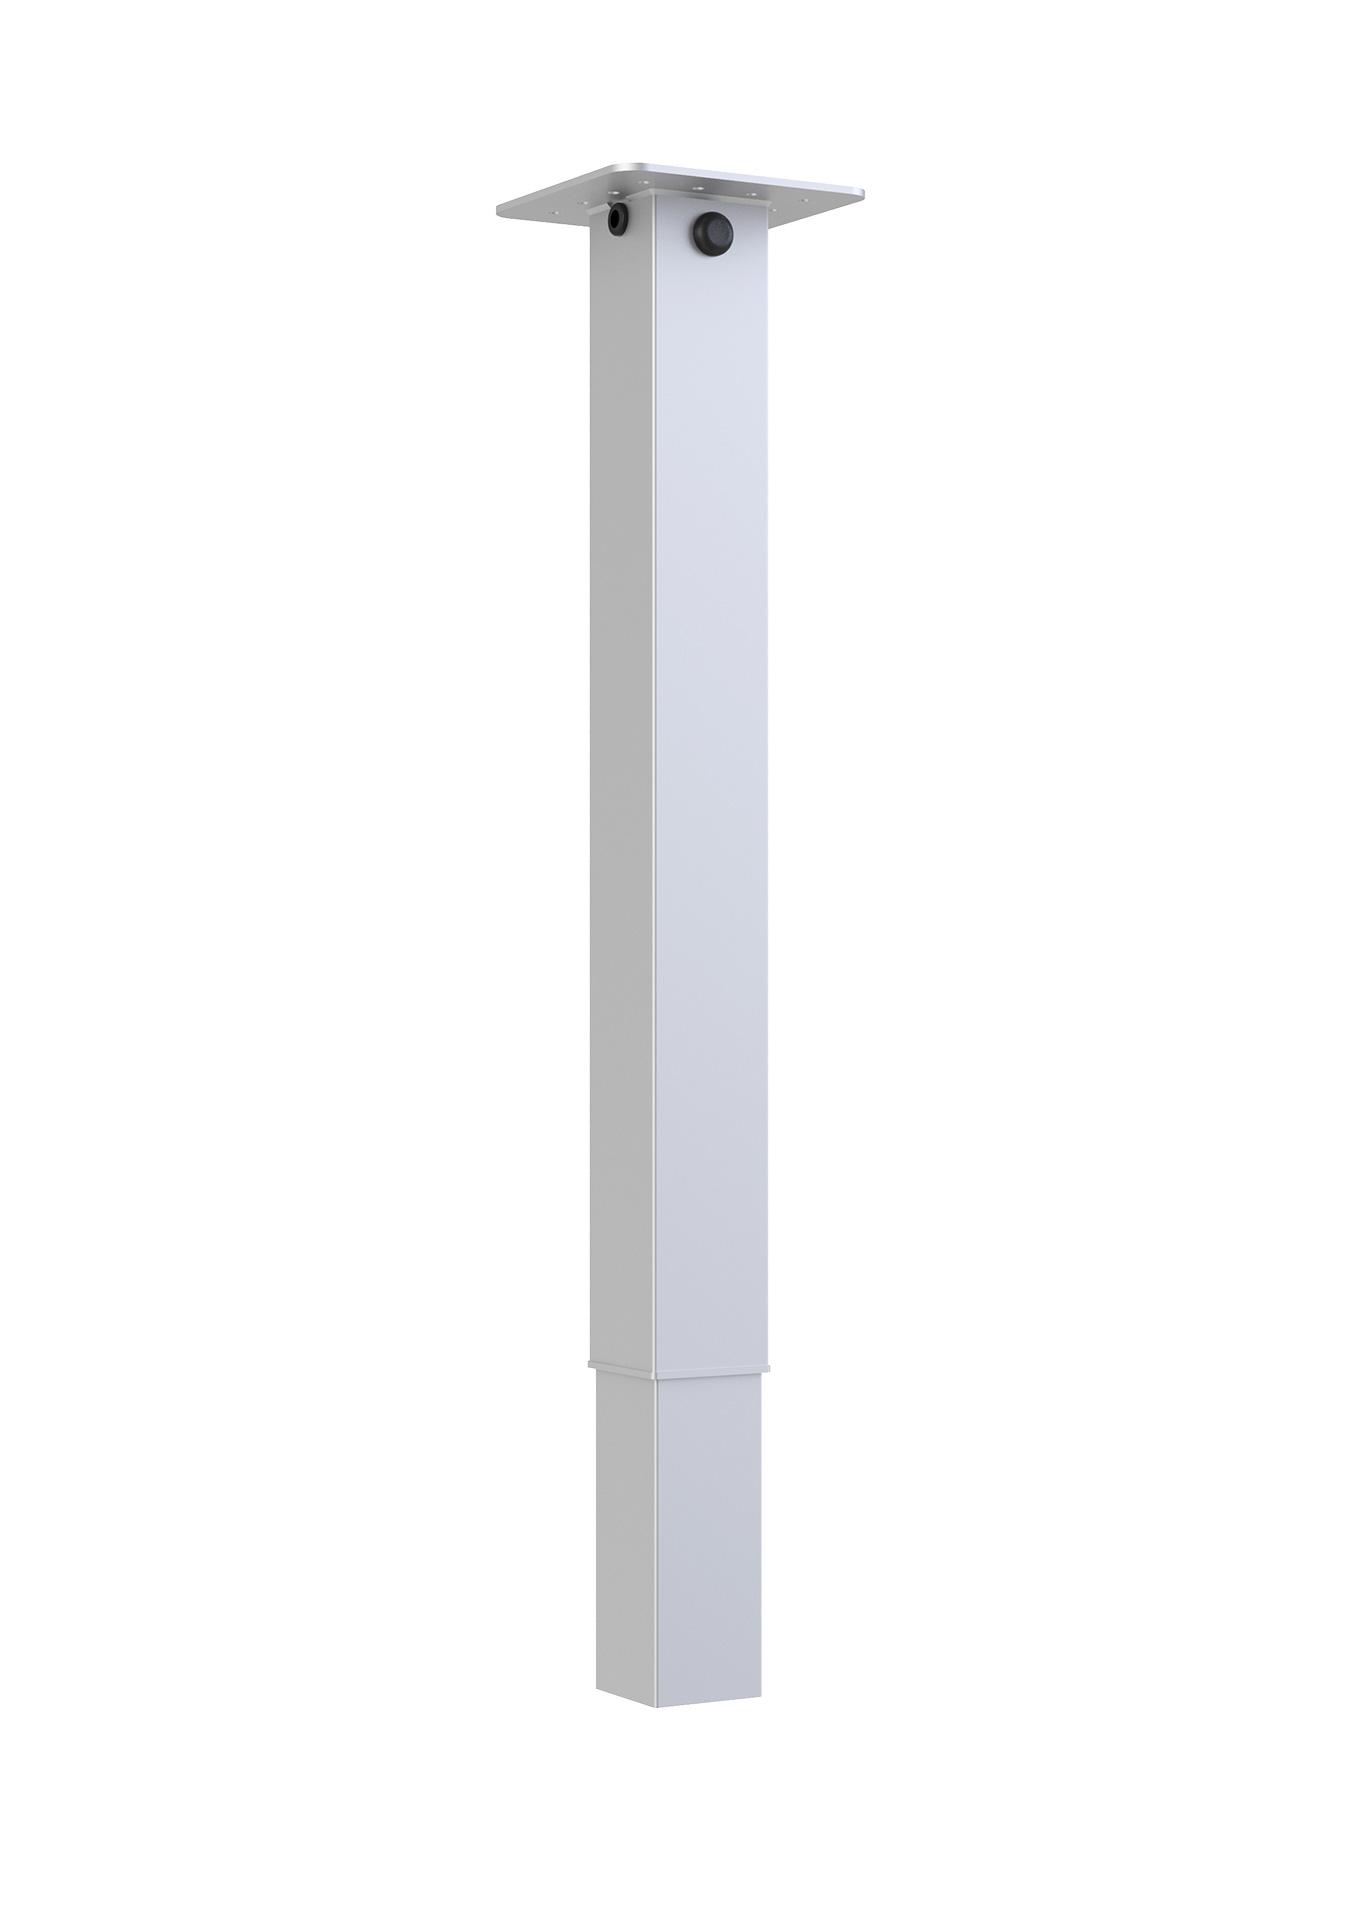 Produktbild: Hubsäule für Beistelltische